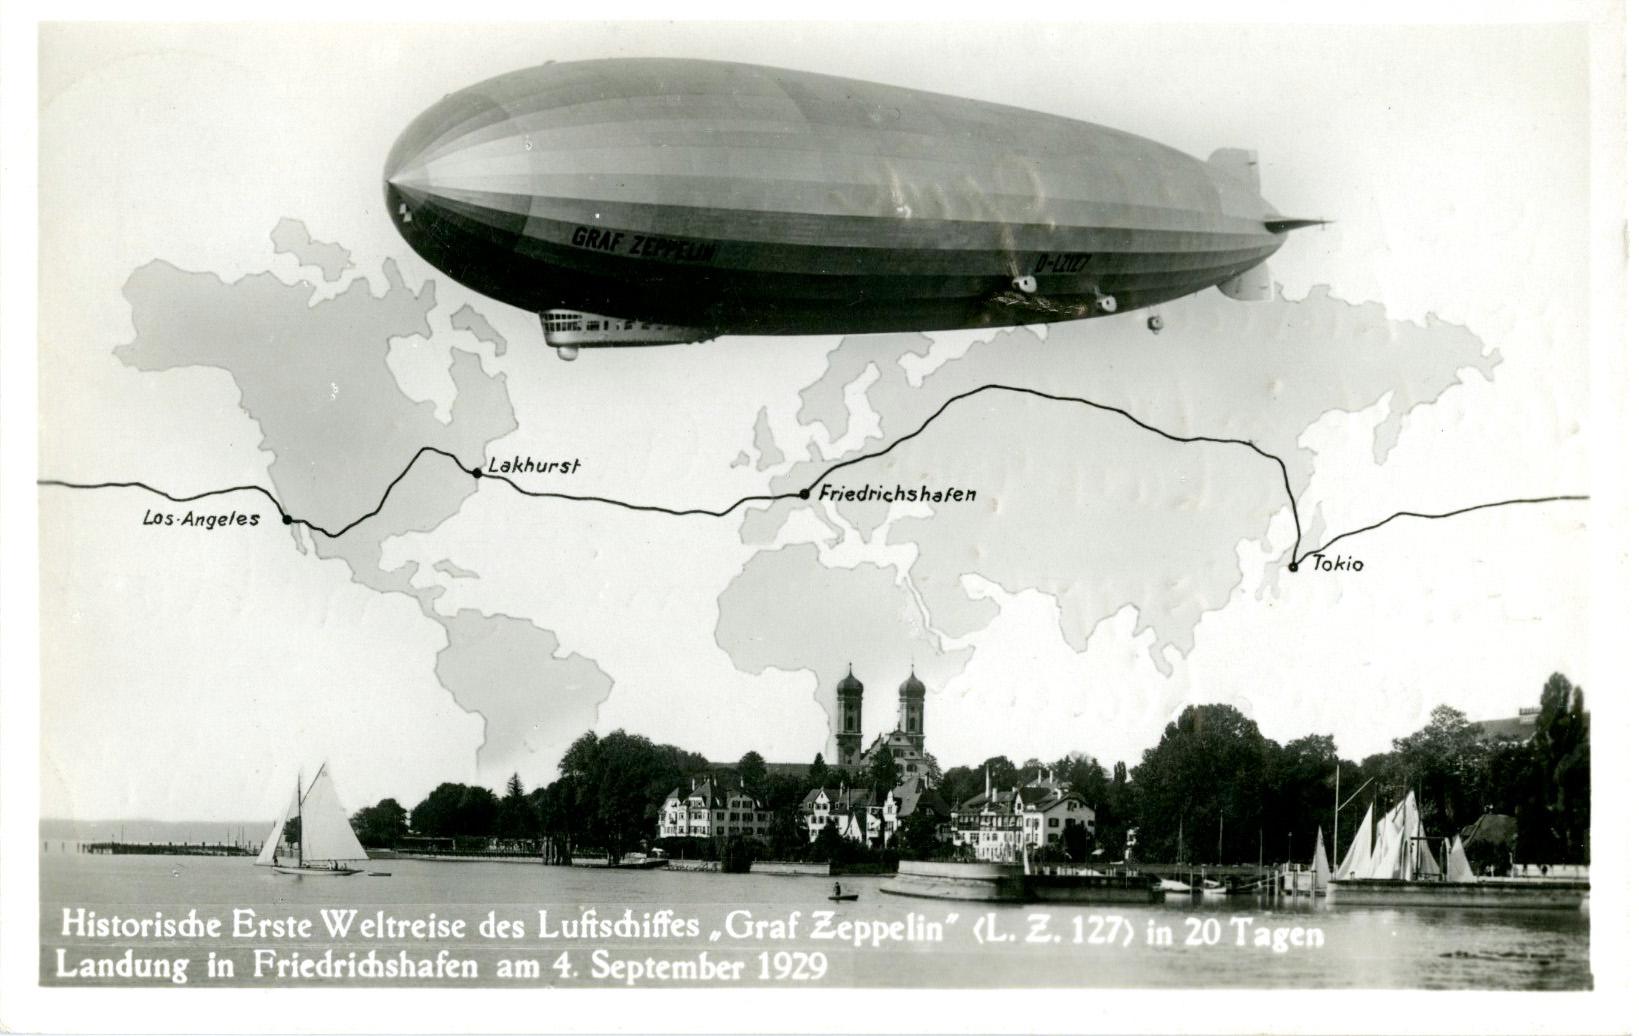 Eine Fotomontage zur Weltfahrt 1929 zeigt LZ 127 Graf Zeppelin über dem Globus (Hochformat oder Querformat). Bildquelle: Archiv der Luftschiffbau Zeppelin GmbH